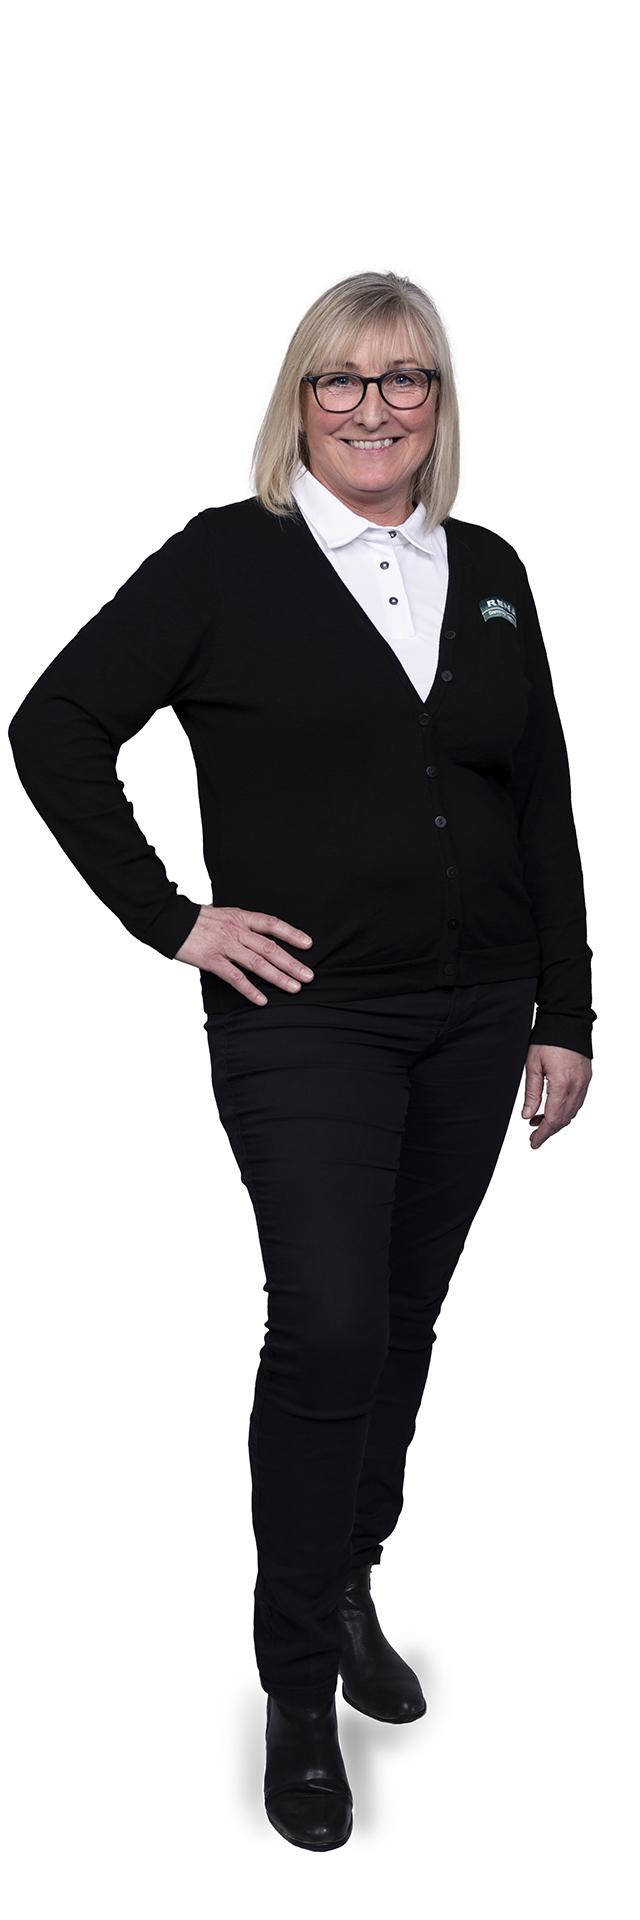 Renas Hel Figur 2021 1500